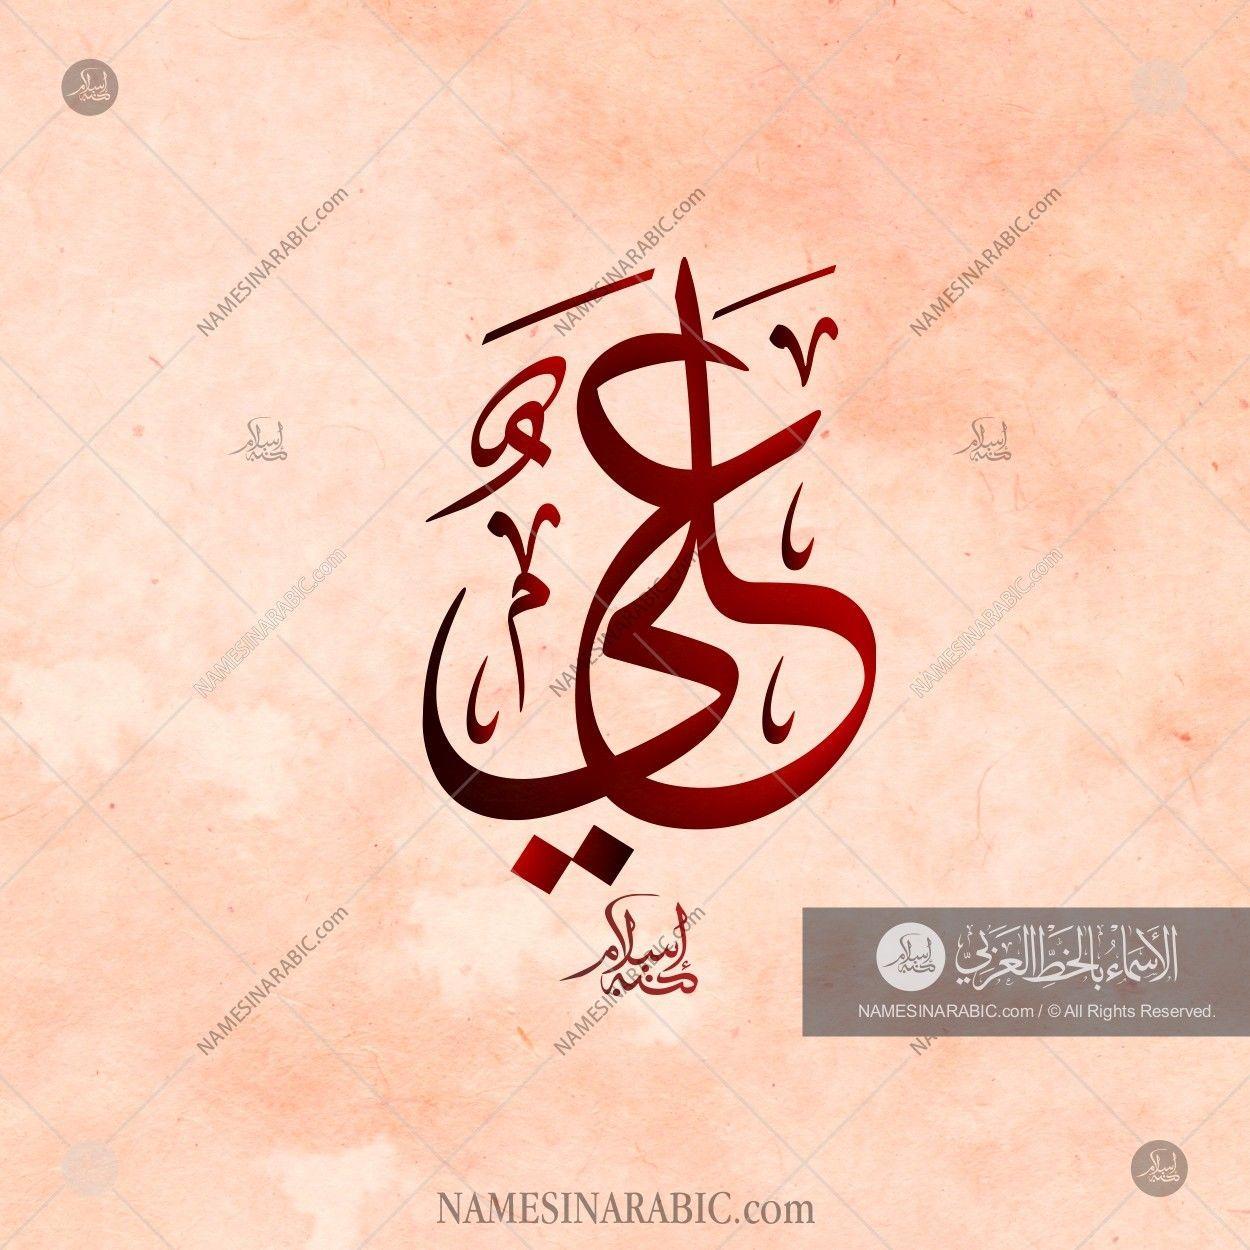 Ali Name In Arabic Calligraphy Arabic Calligraphy Painting Islamic Art Calligraphy Arabic Calligraphy Art